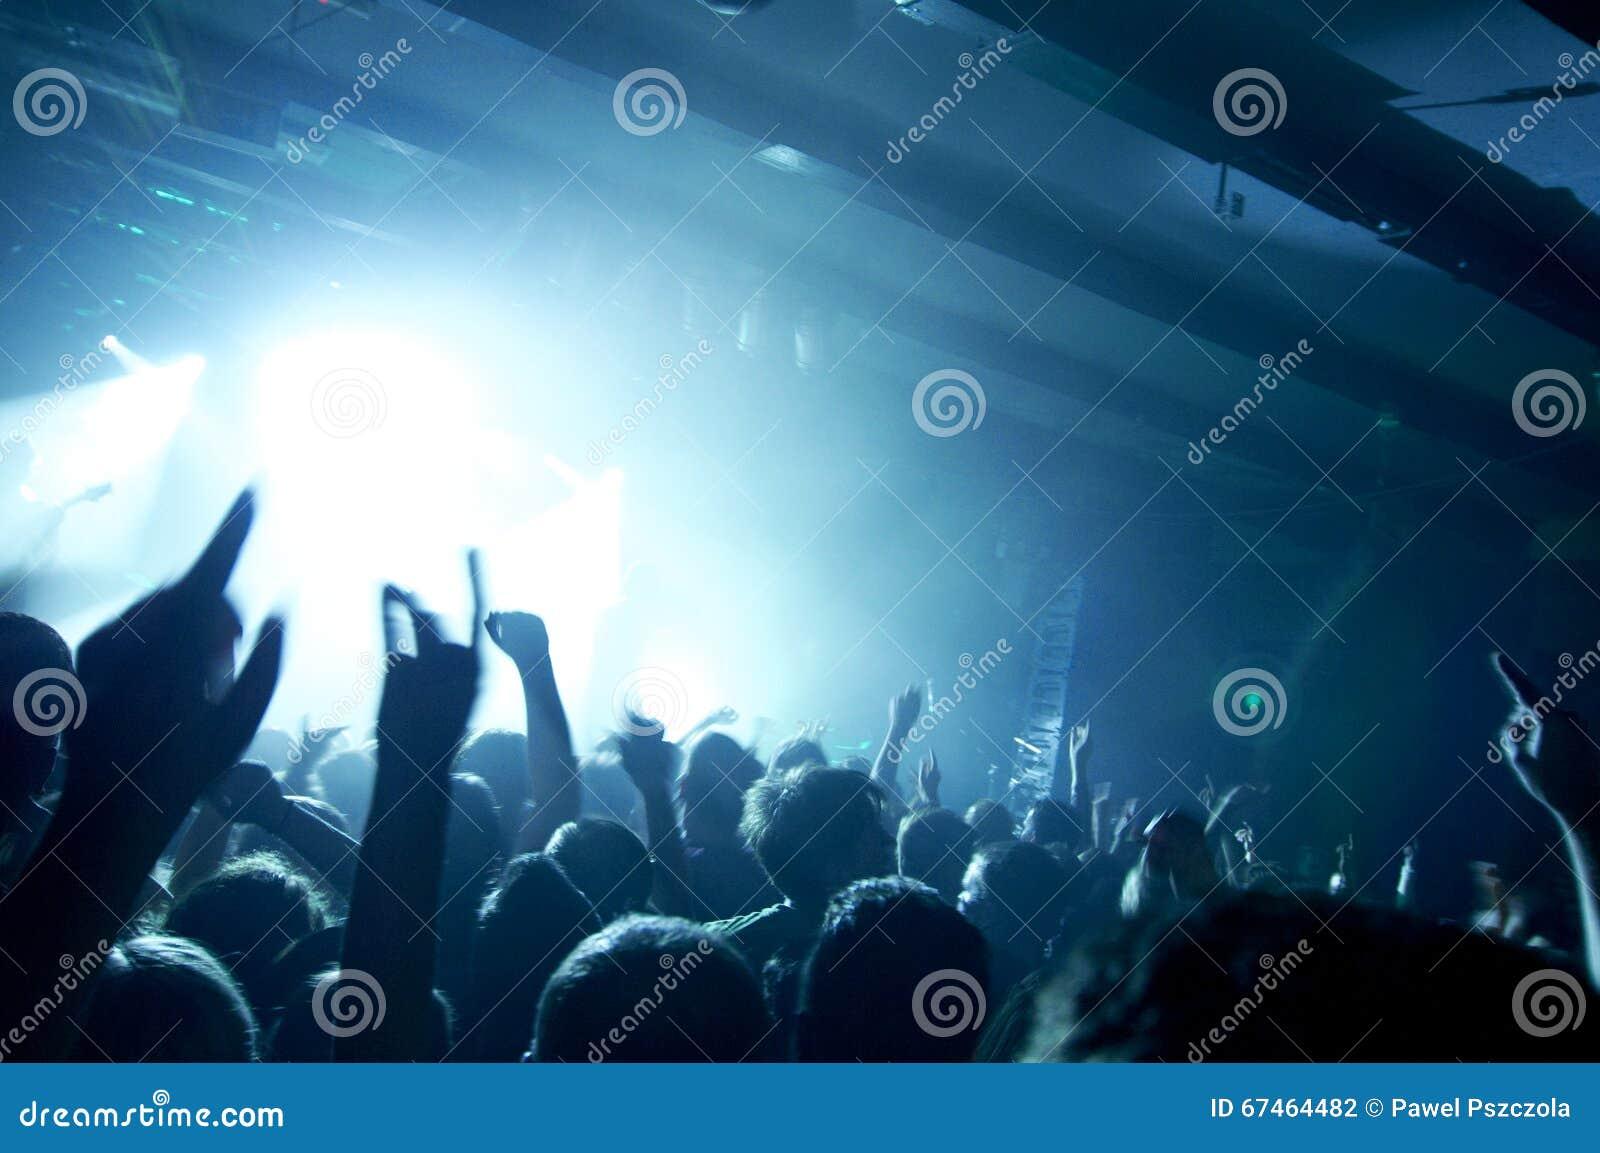 Foto von den Leuten, die Spaß am Rockkonzert, die Fans applaudieren zur berühmten Musik haben, versehen, Rockstar auf dem Stadium